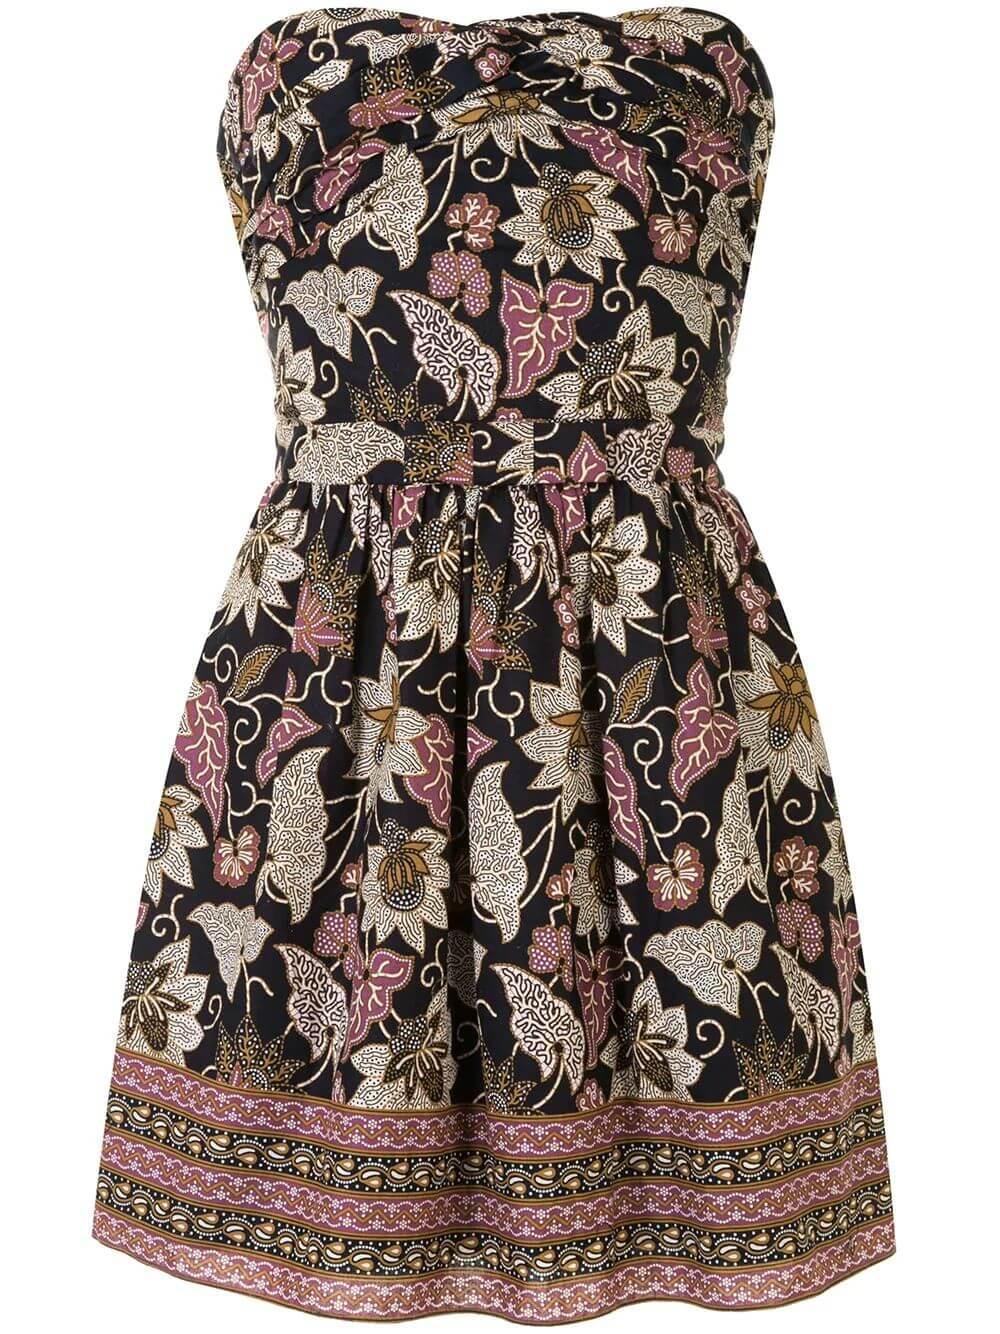 Malena Dress Item # A2200313-6365